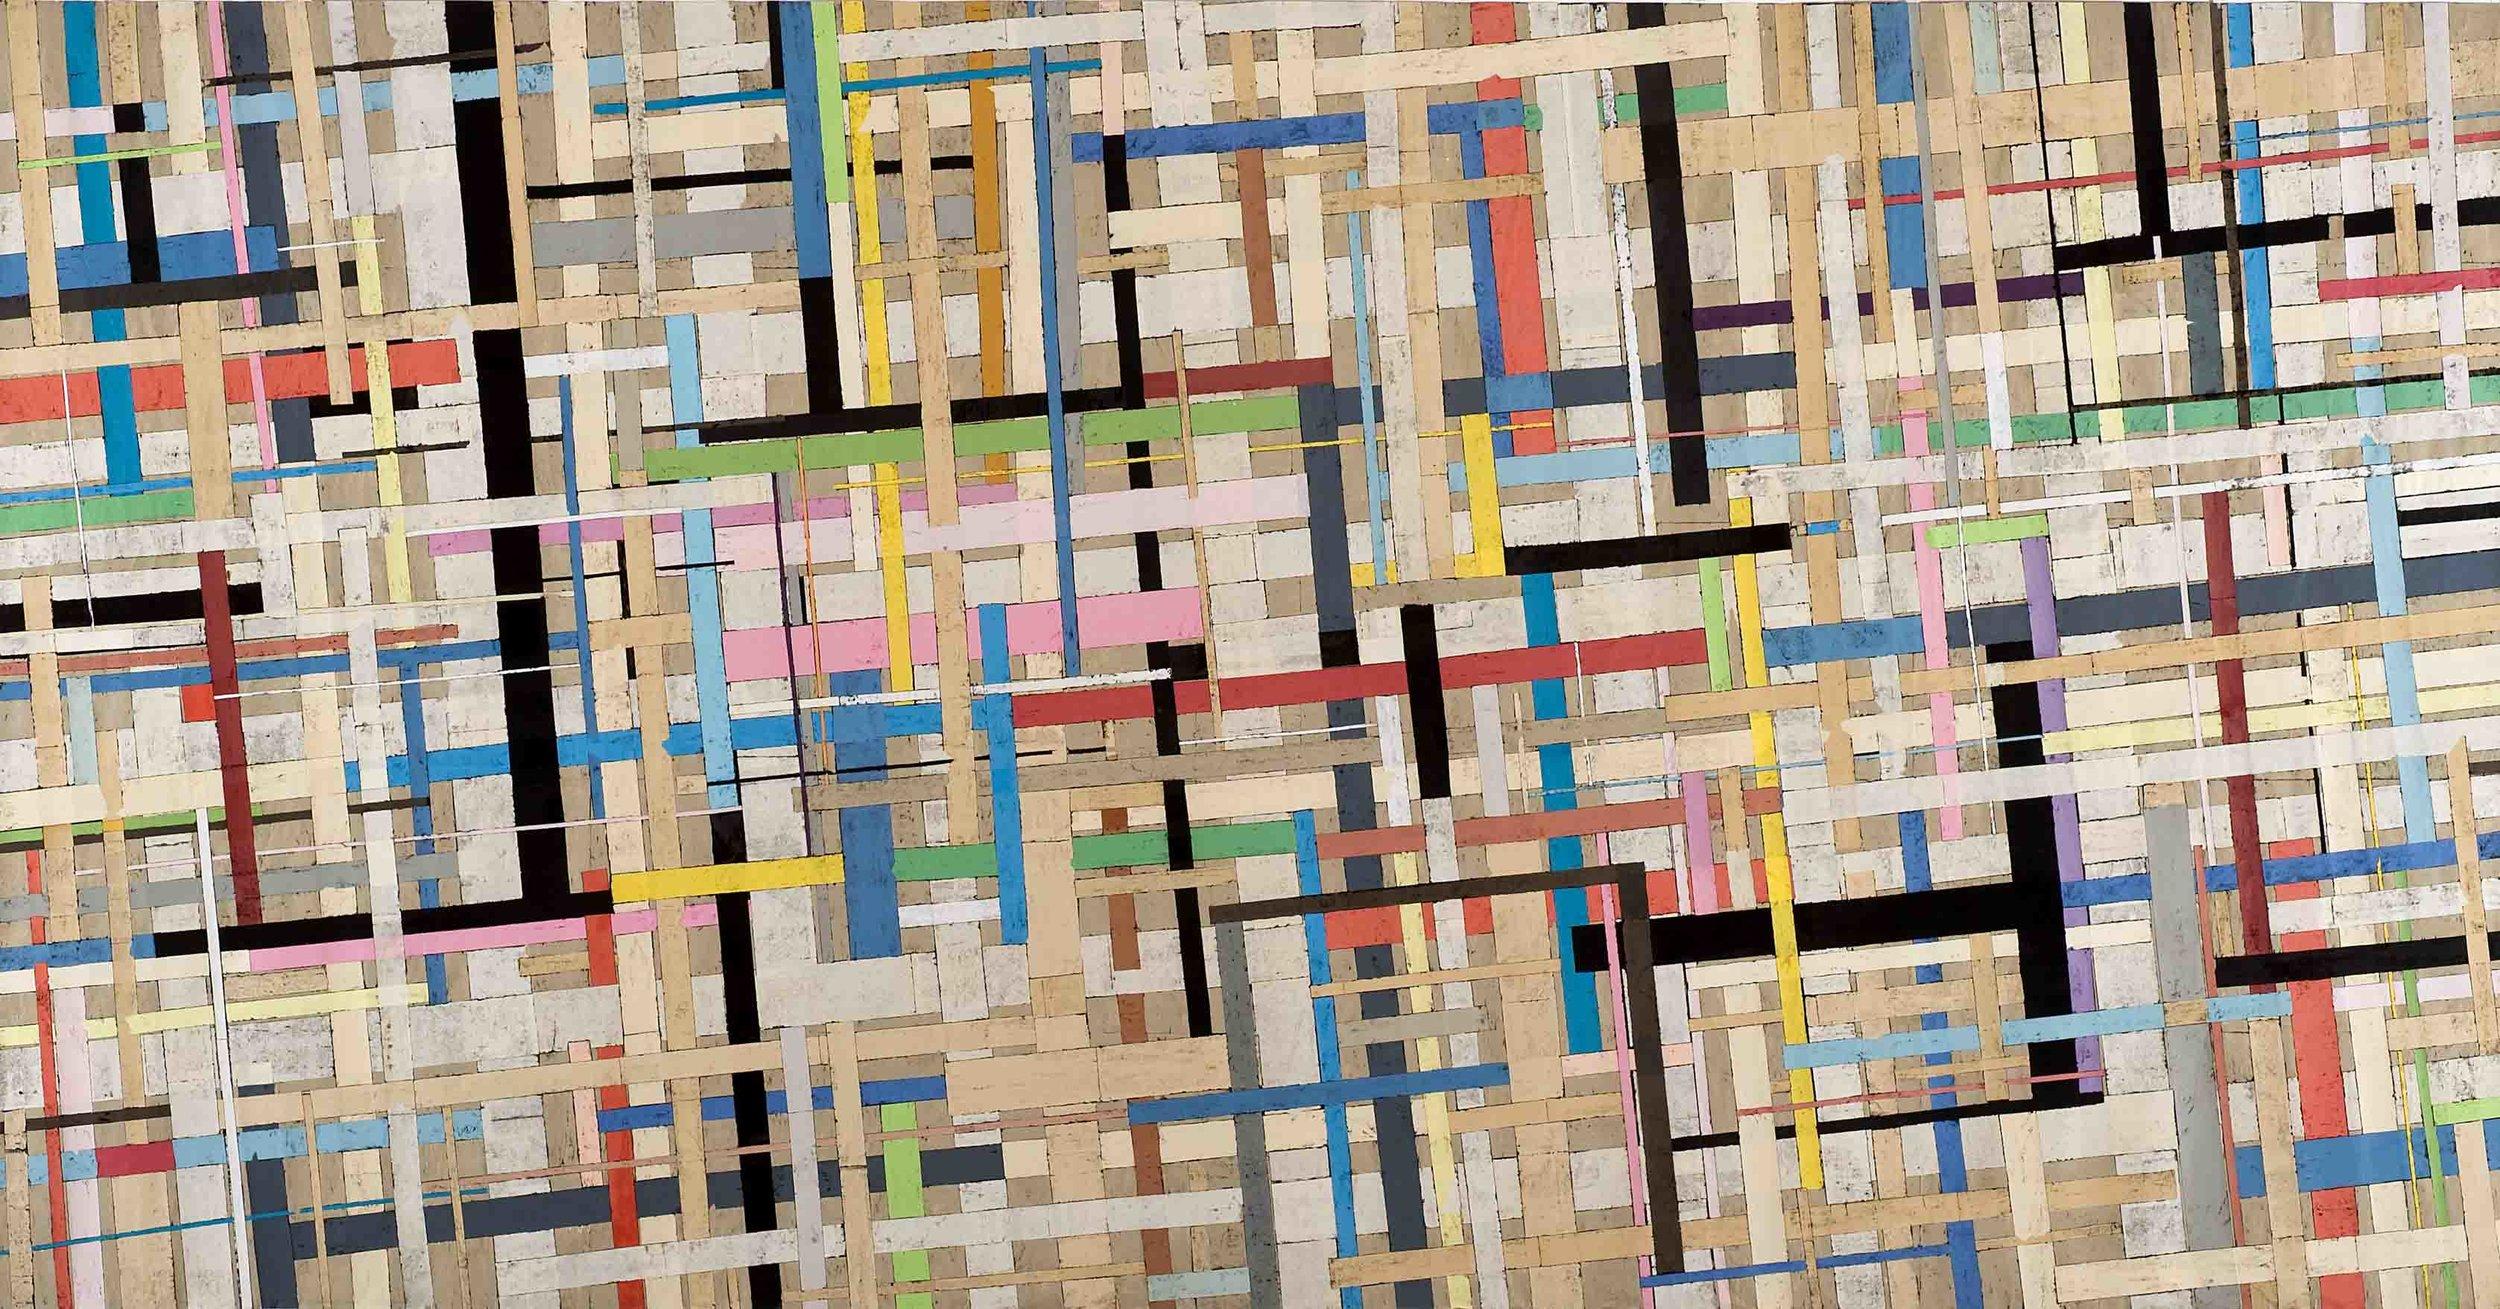 Sam Grigorian, Miles Davis gewidmet , 2008, mixed media, décollage, 181 x 348cm